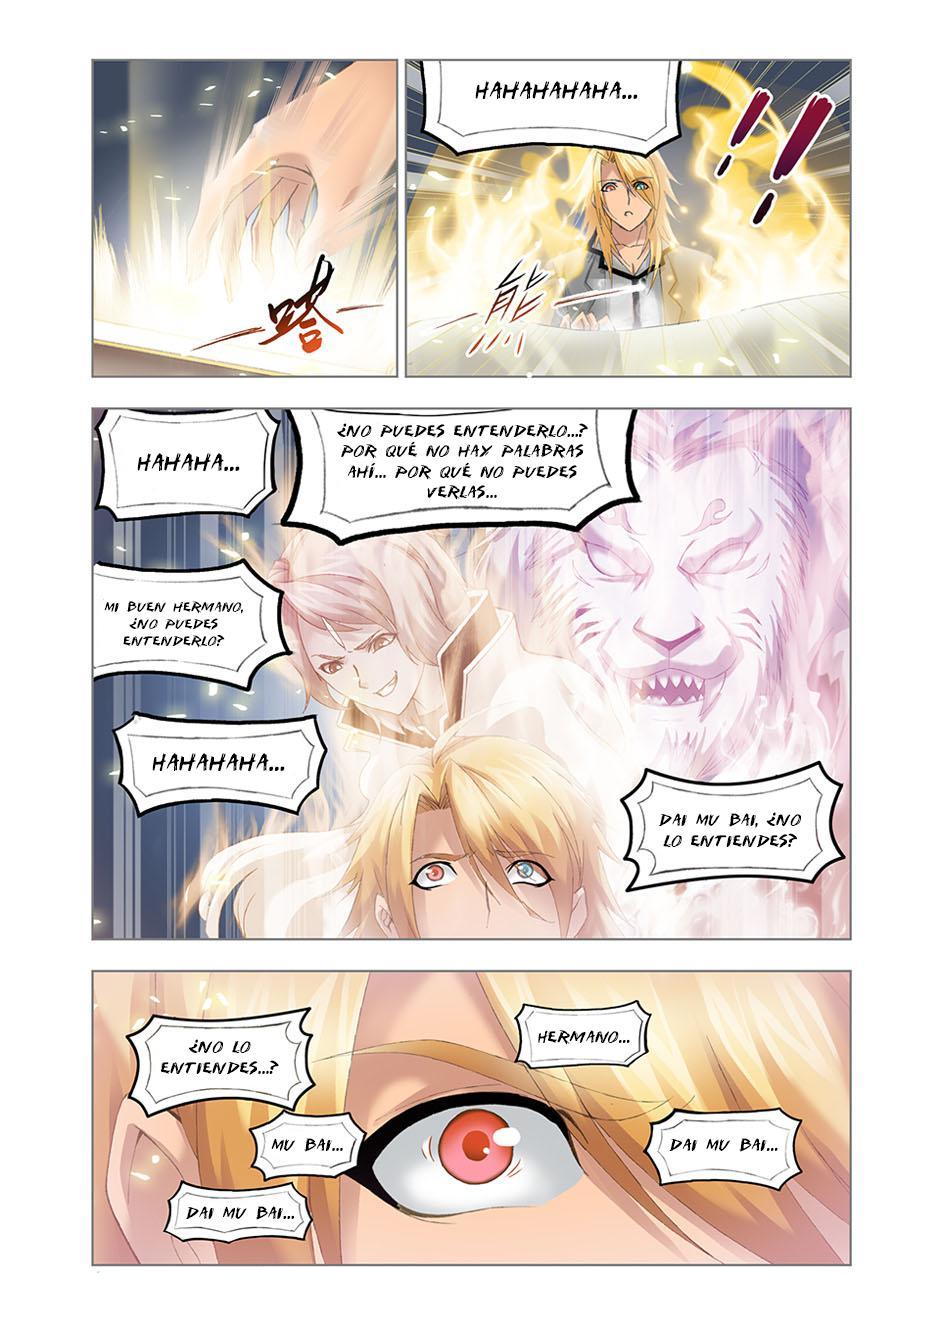 http://c5.ninemanga.com/es_manga/18/16210/417362/51921f74bdae59a0571140fc4da87093.jpg Page 4